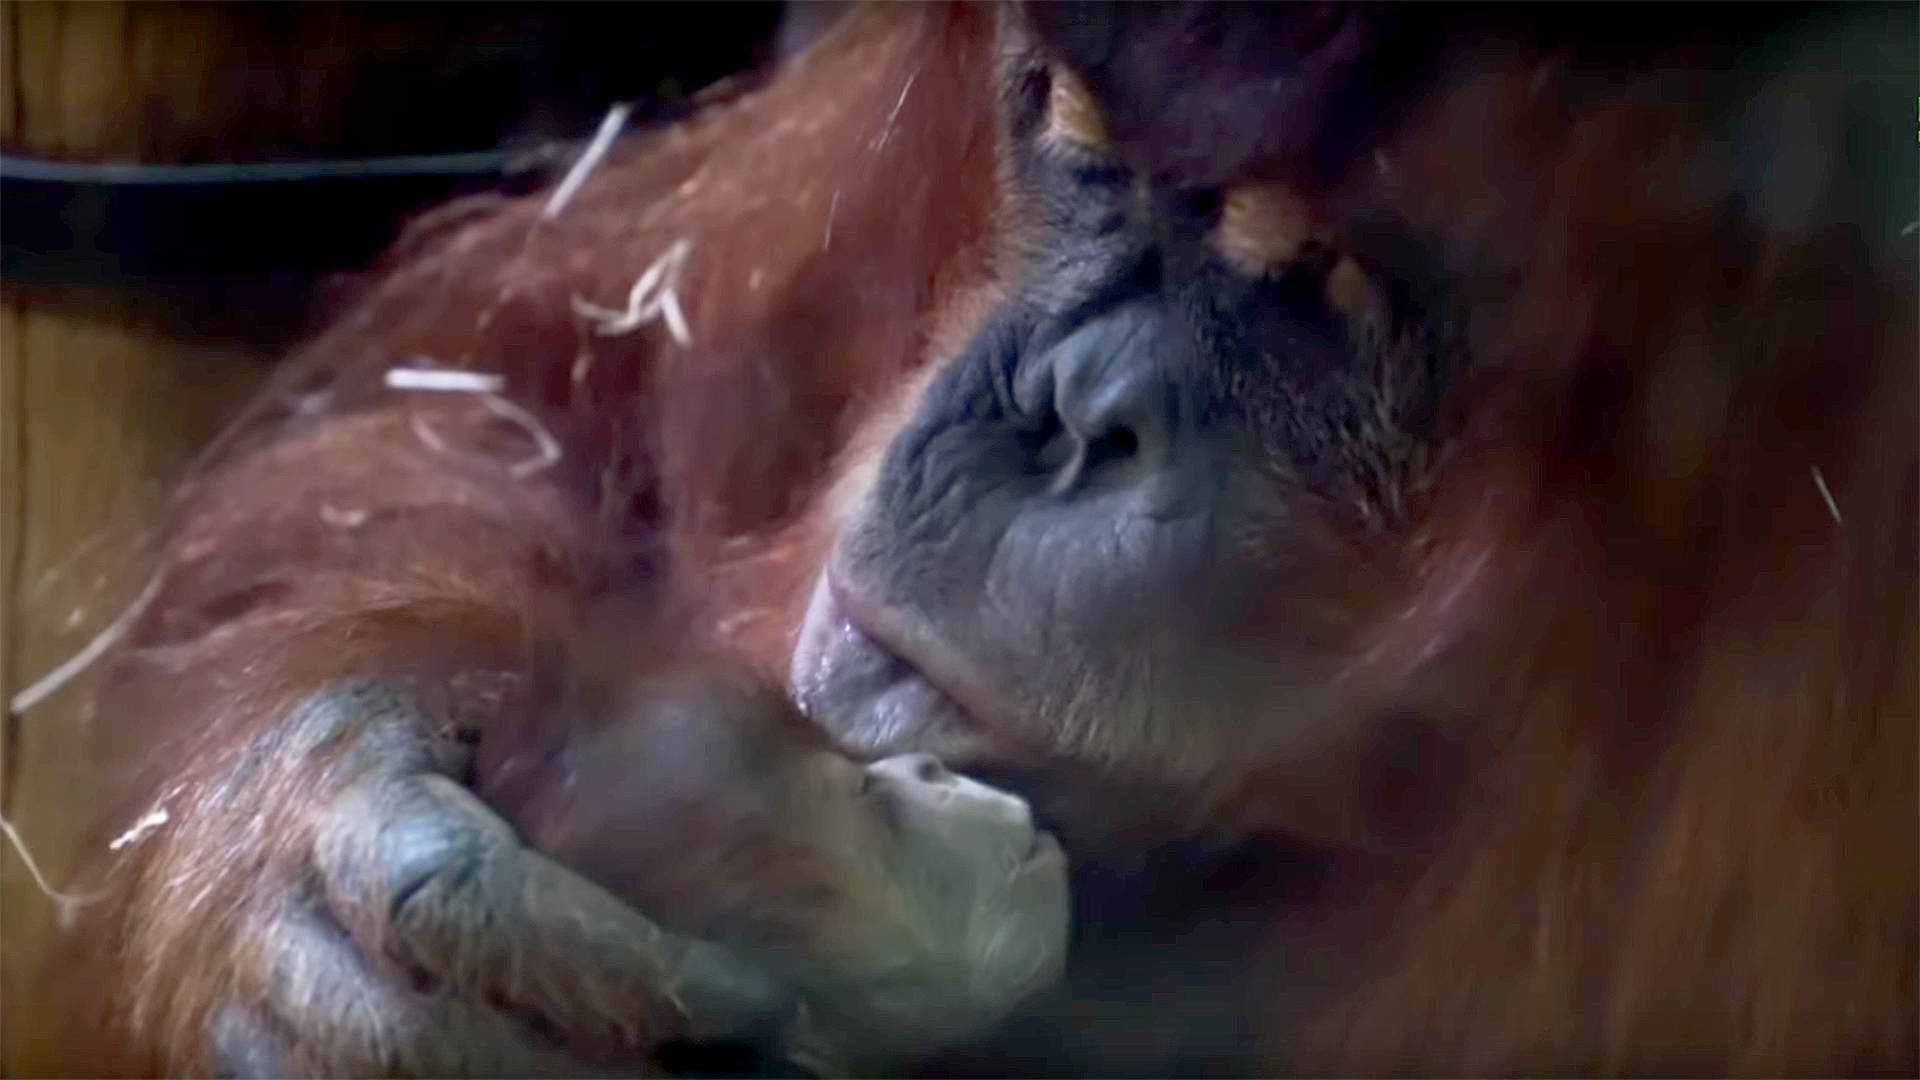 Boldog karácsonyt kíván a Budapesti Állat- és Növénykert